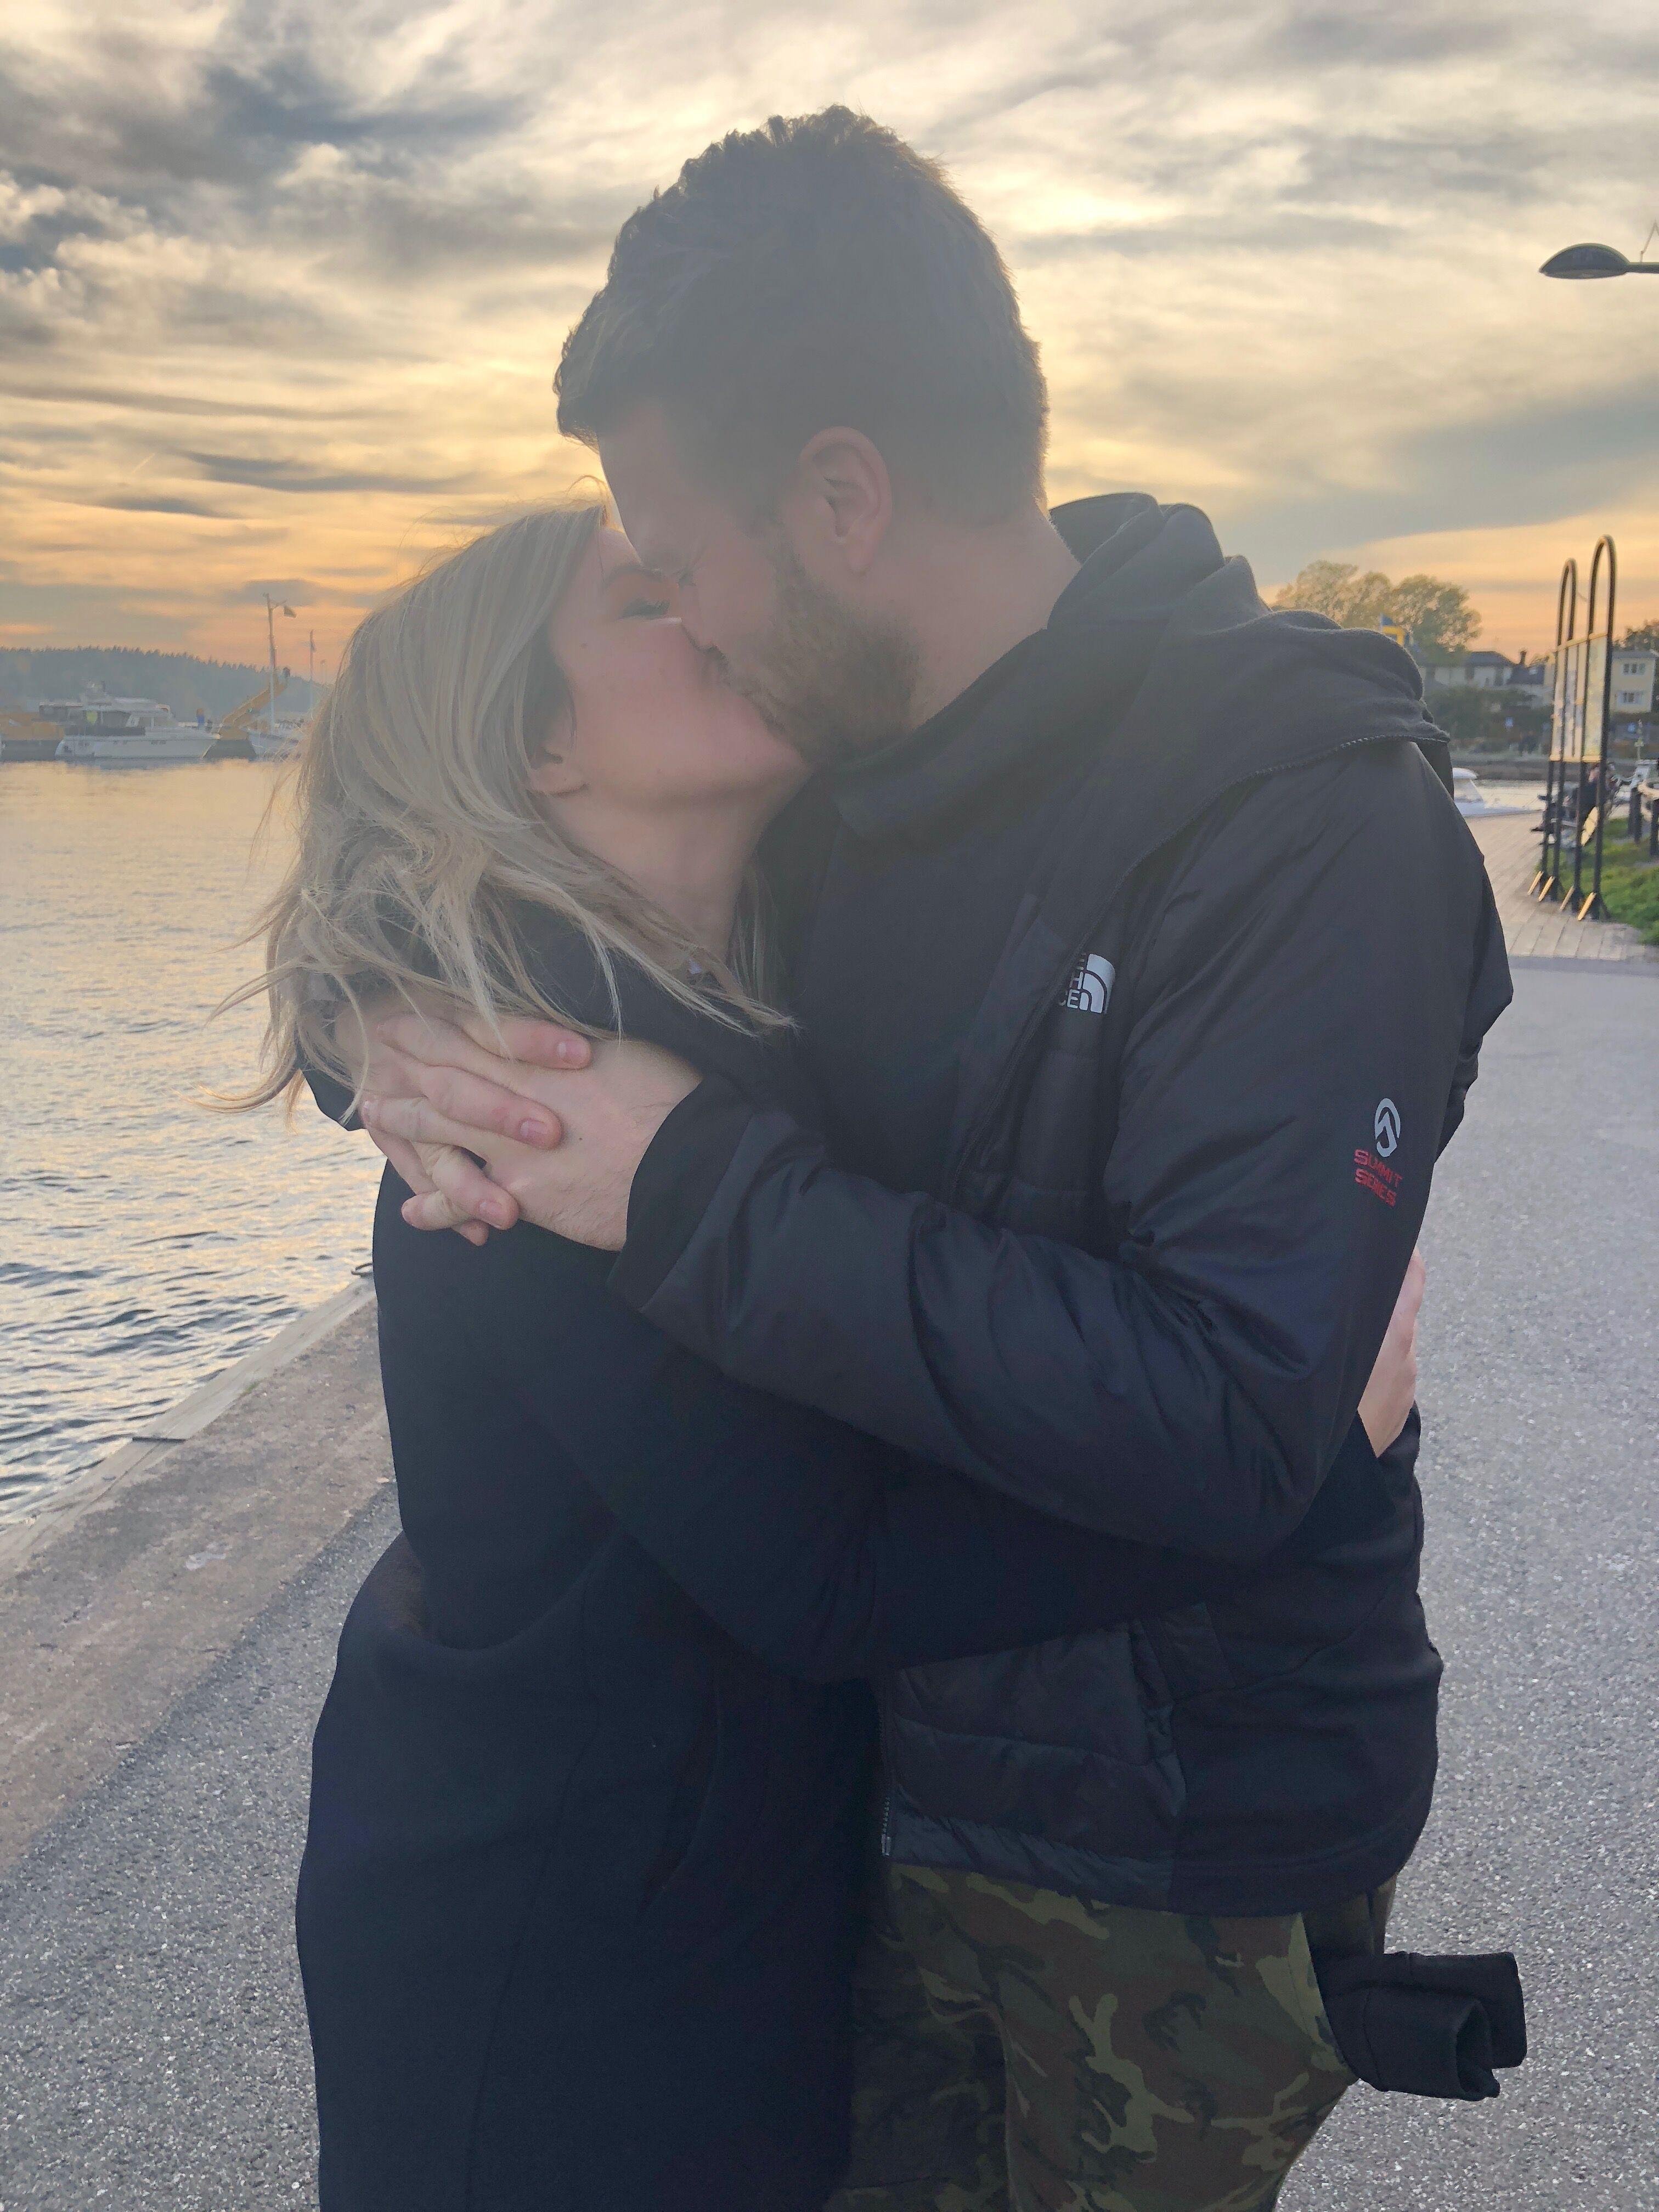 Vuxen Dejting Vaxholm, Ukrainska Kvinnor Sker Svenska